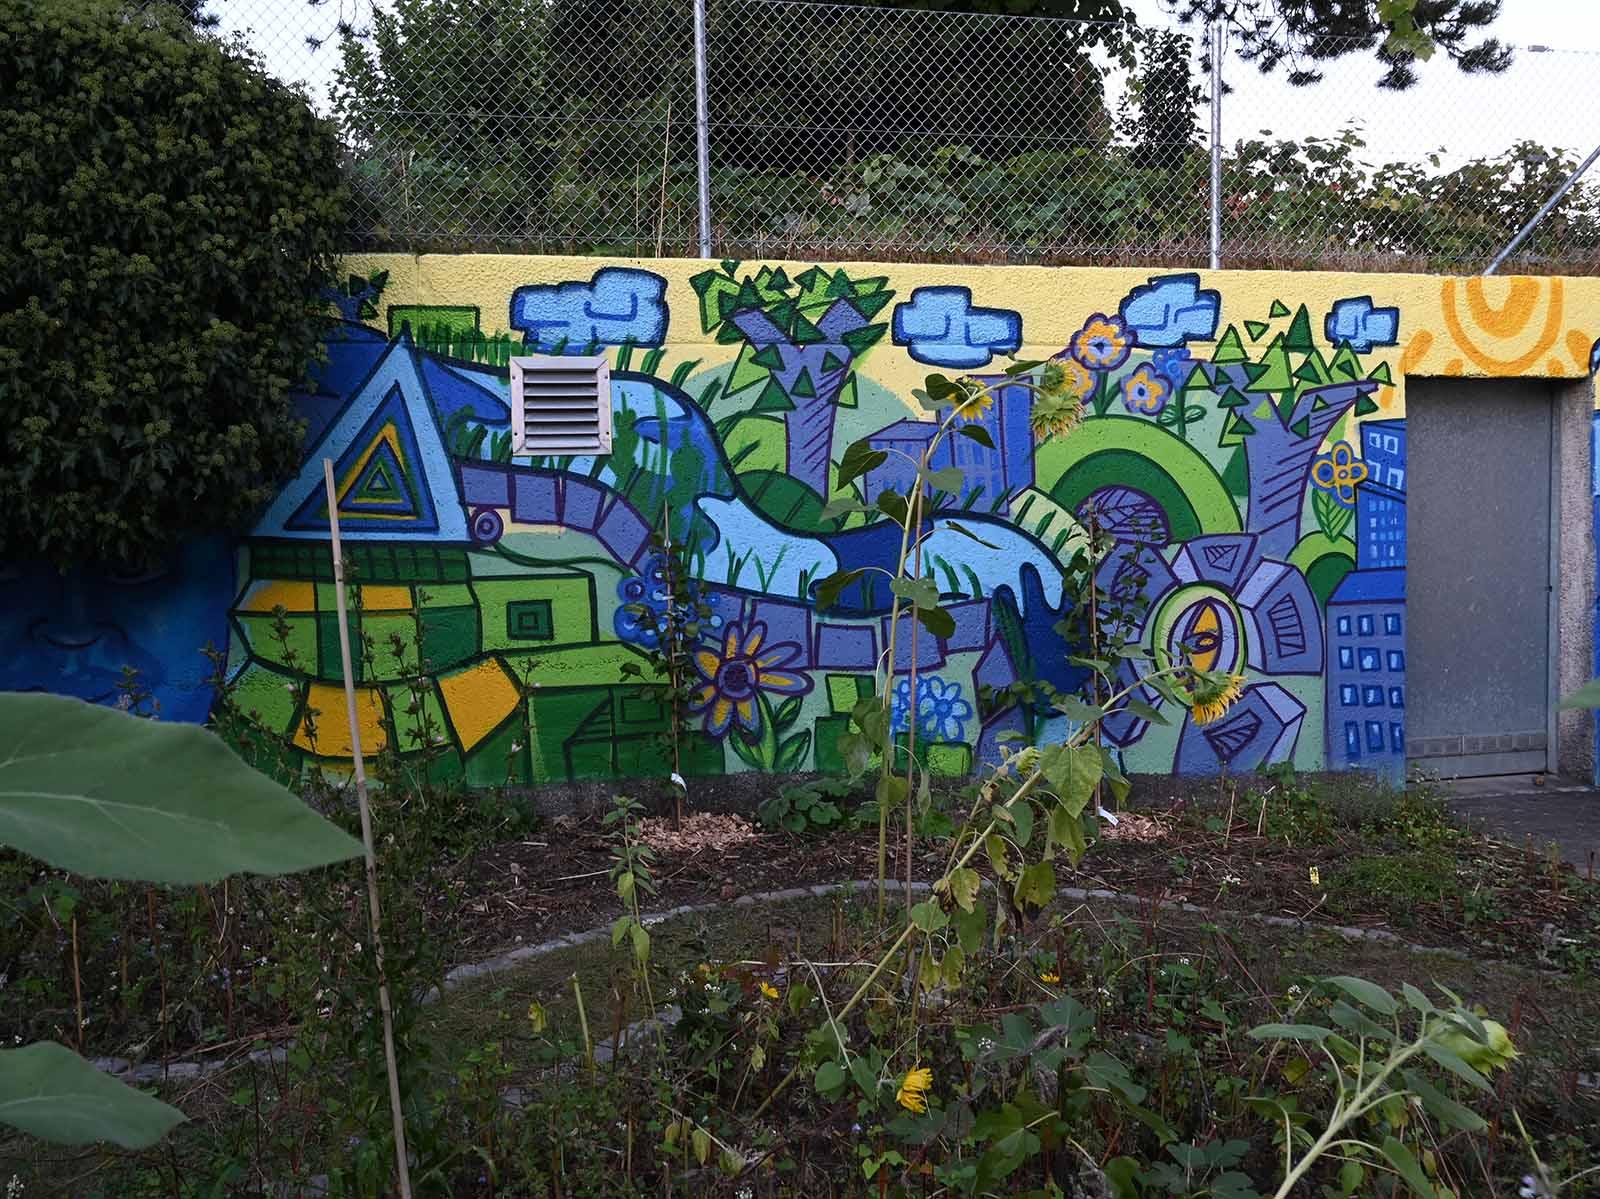 Das Graffiti bringt Farbe in den Aussenraum des reformierten Kirchgemeindehauses Höngg.